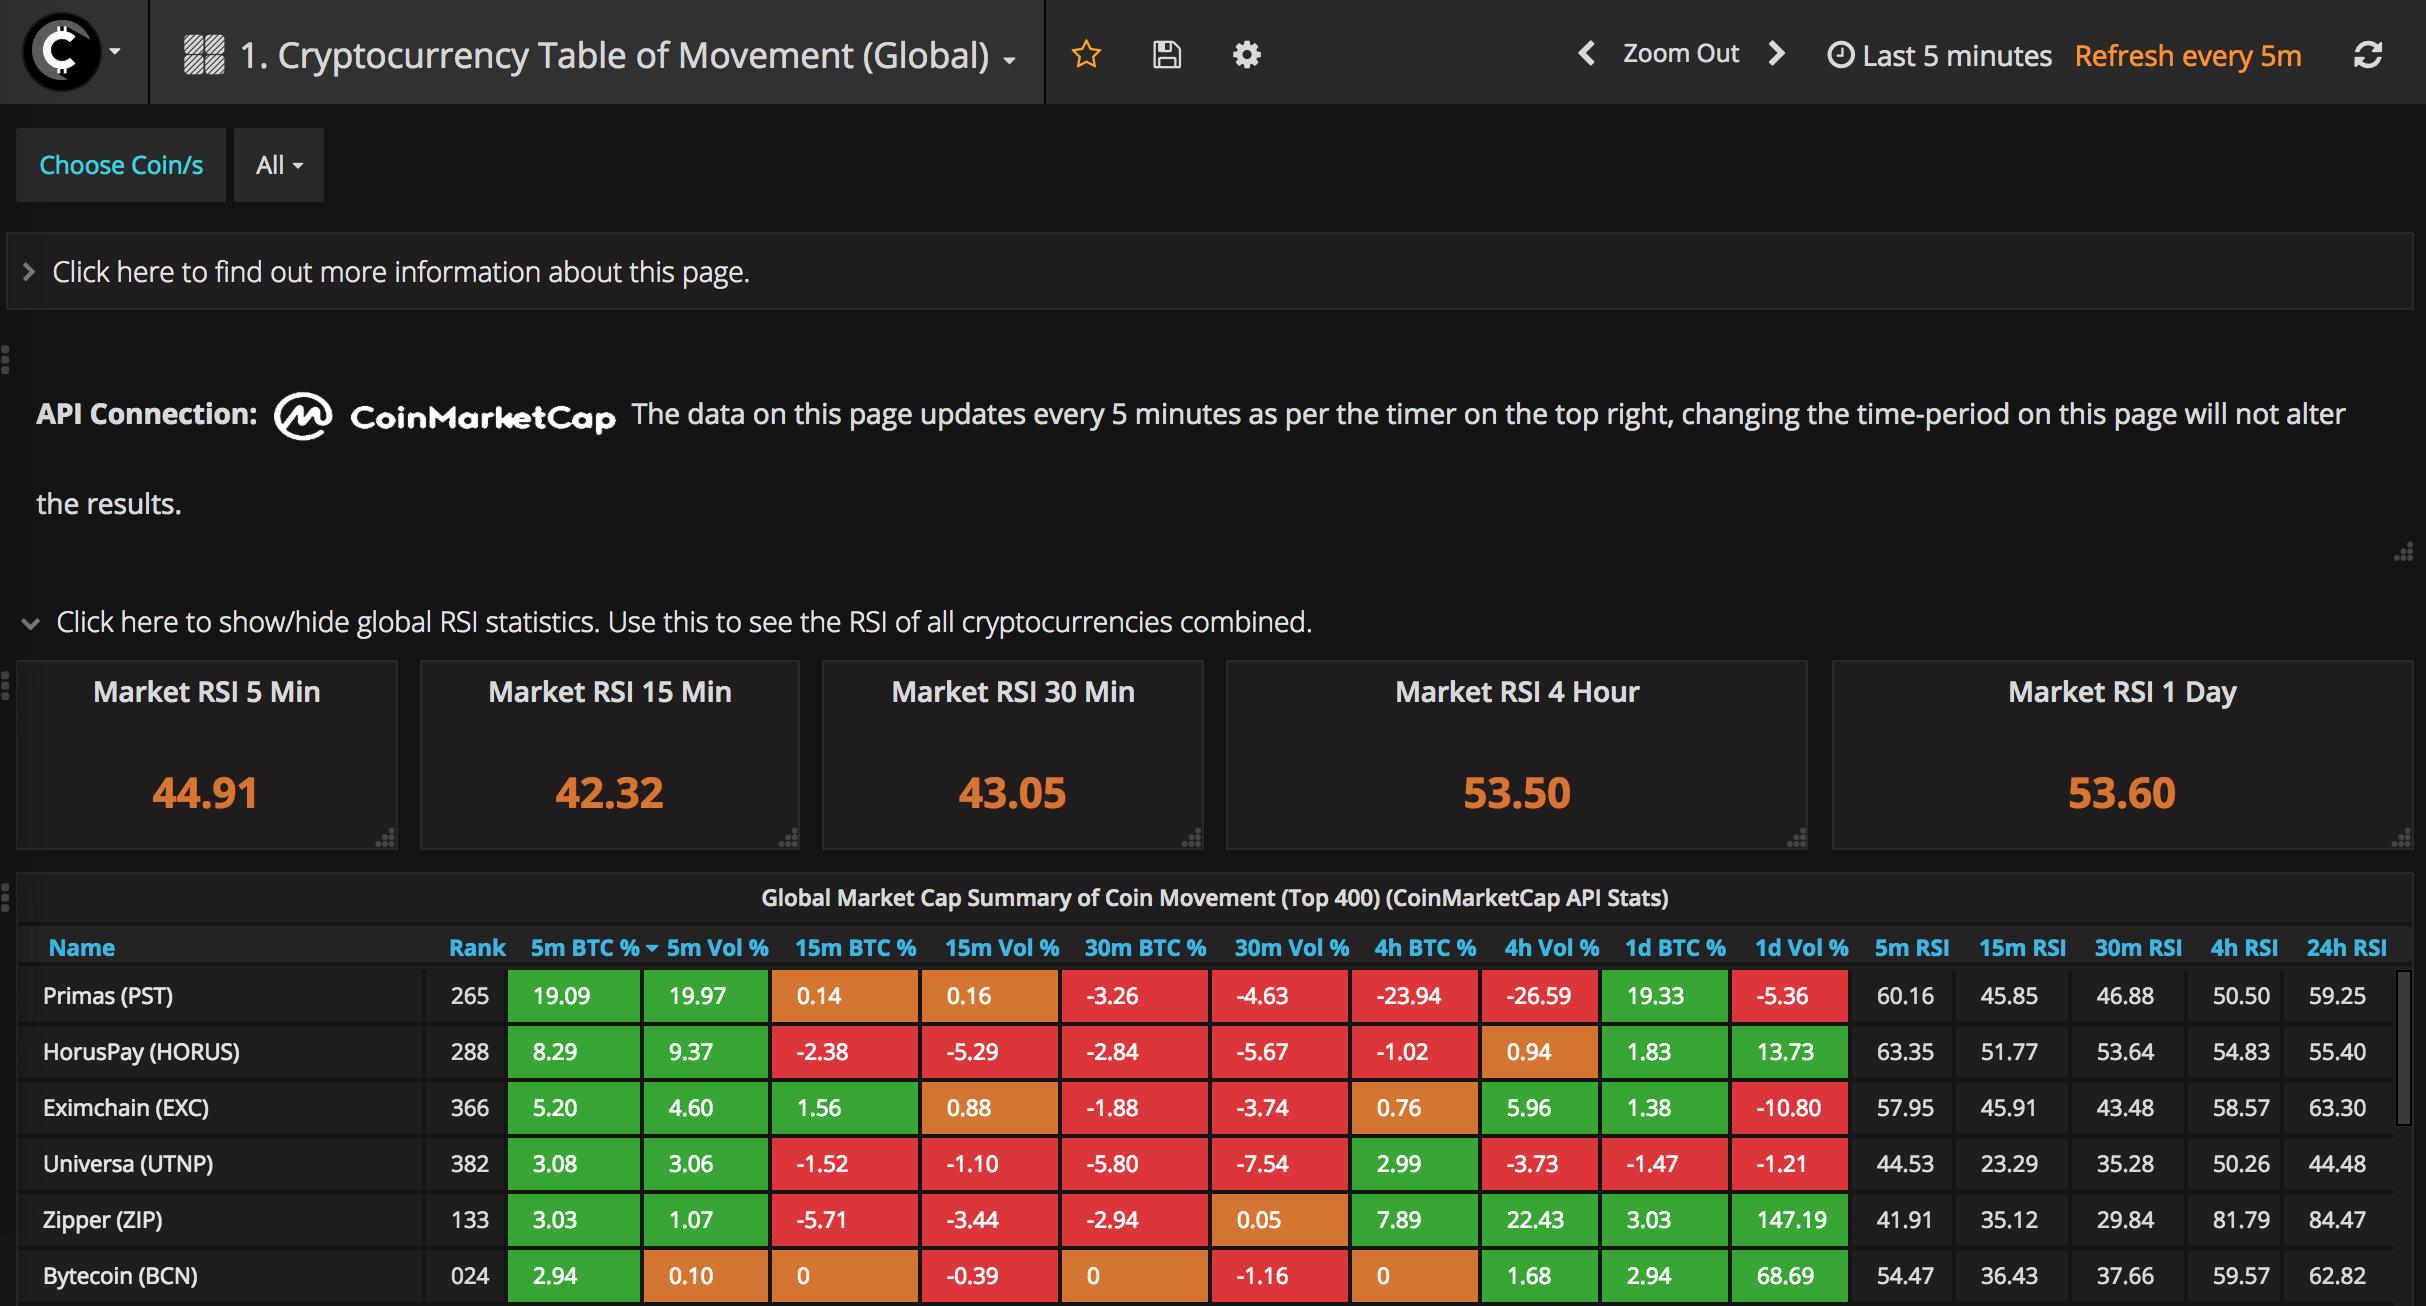 coinmarketcap trading tool